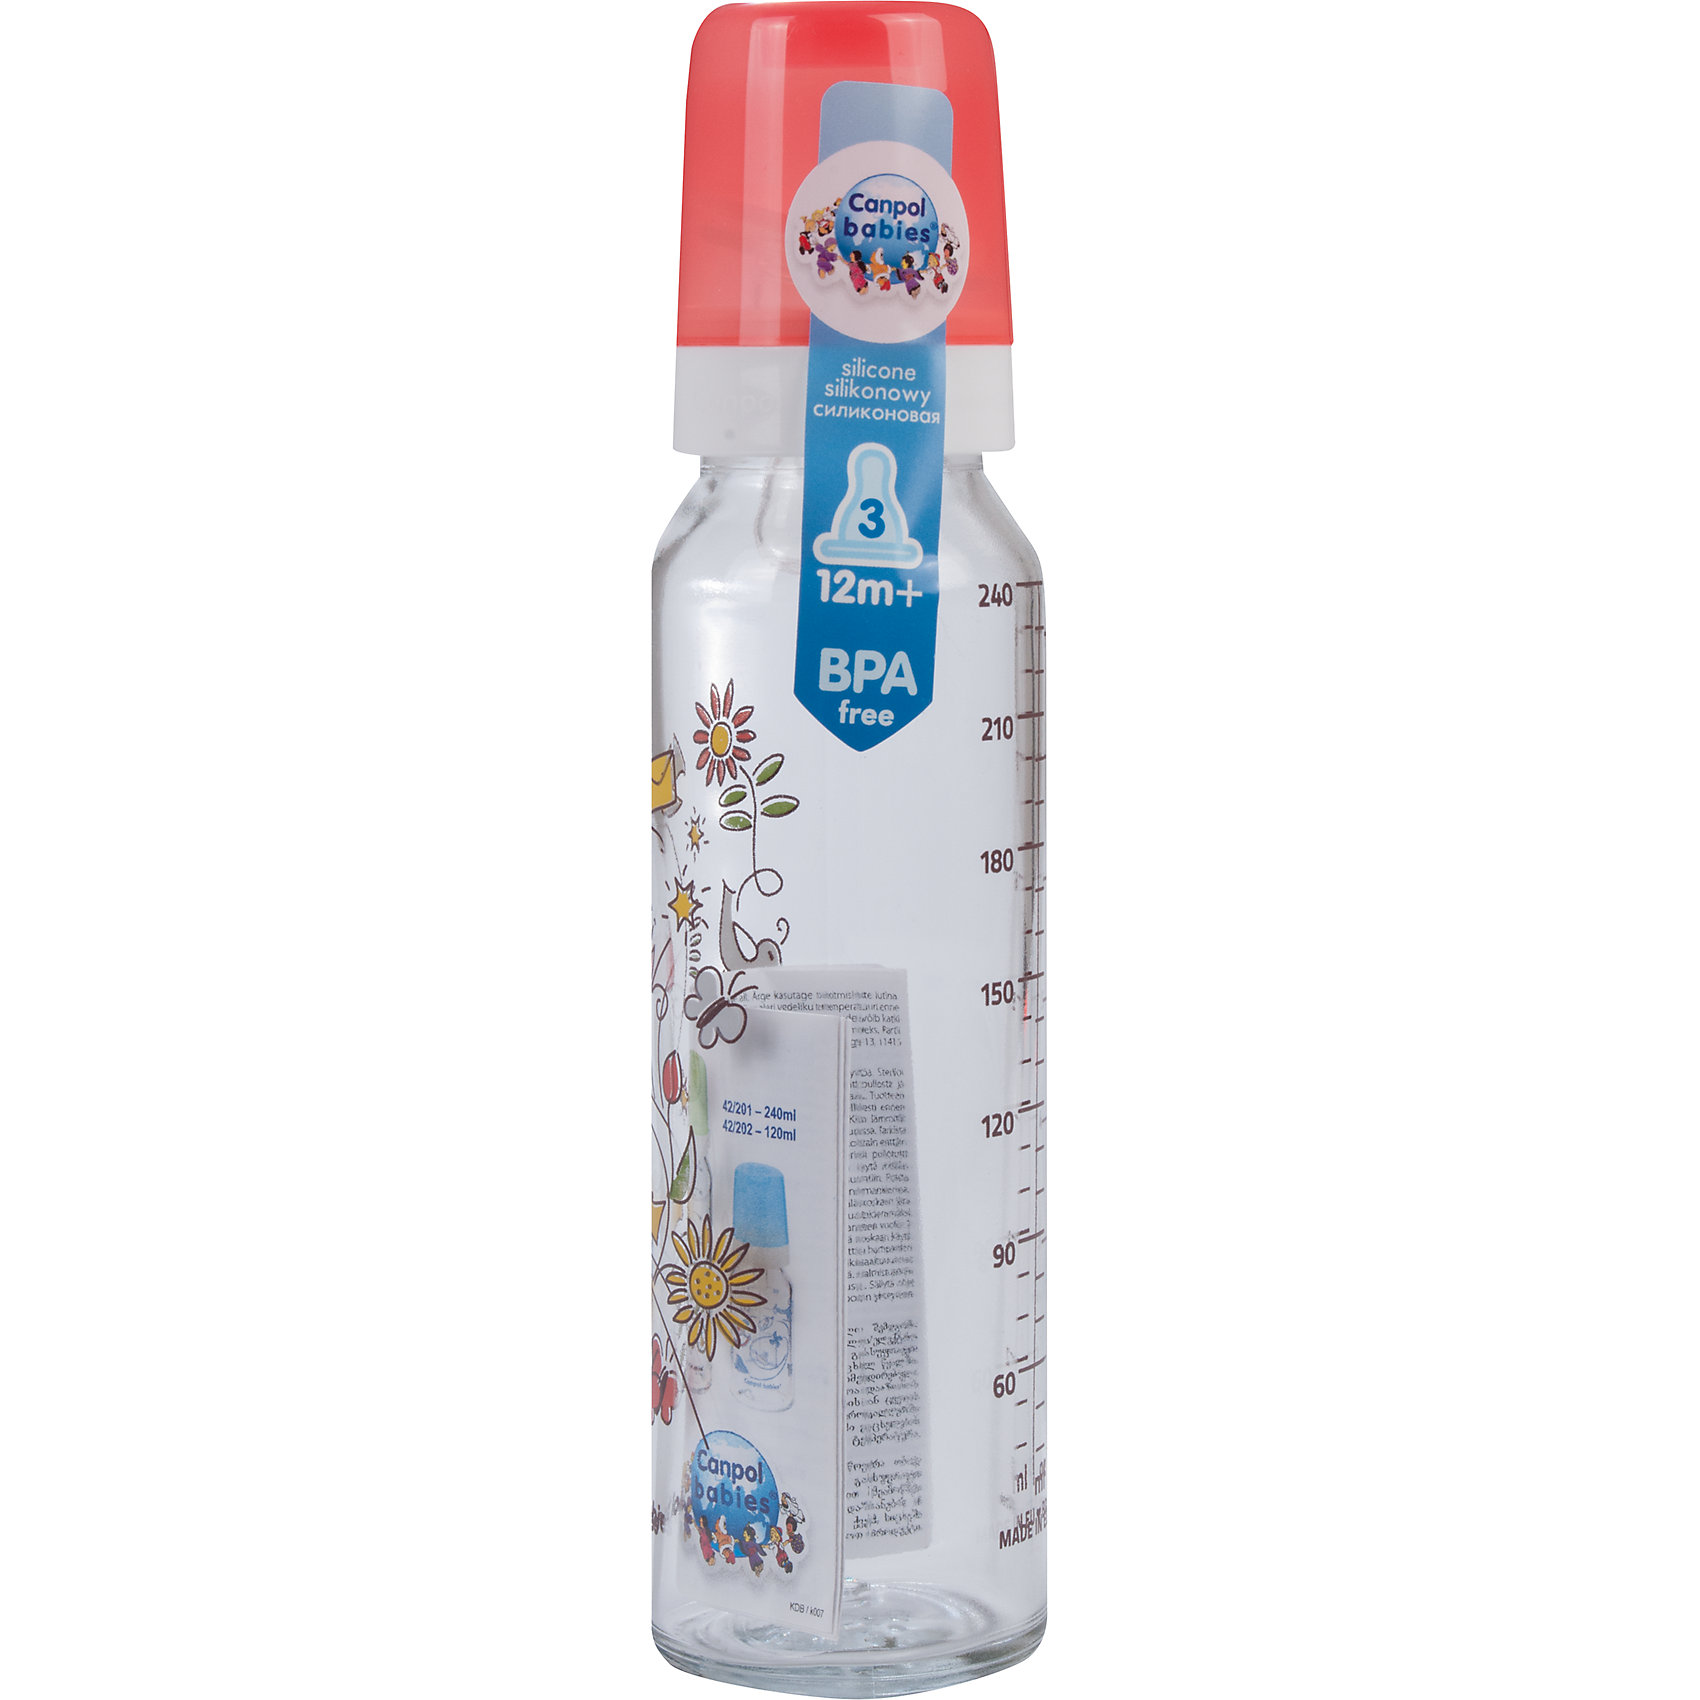 Бутылочка стеклянная с сил. соской, 240 мл. 12+, Canpol Babies, красныйБутылочка стеклянная с сил. соской, 240 мл. 12+, Canpol Babies, (Канпол Бейбис), красный.<br><br>Характеристики: <br><br>• Объем бутылочки: 240мл.<br>• Материал бутылочки: закаленное стекло.<br>• Материал соски: силикон.<br>• Цвет : красный. <br>• Антиколиковая. <br><br>Бутылочка стеклянная с сил. соской, 240 мл. 12+, Canpol Babies, (Канпол Бейбис) имеет классическую форму и снабжена антиколиковой силиконовой соской. Удобна в использовании дома и в дороге. Бутылочка выполнена из безопасного качественного материала - закаленного стекла, которое хорошо держит тепло, снабжена антиколиковой силиконовой соской (быстрый поток) и защитным колпачком, имеет удобную мерную шкалу.  Такую бутылочку и все части можно кипятить в воде или стерилизовать с помощью специального прибора<br><br>Бутылочку стеклянная с сил. соской, 240 мл. 12+, Canpol Babies, (Канпол Бейбис), красный можно купить в нашем интернет- магазине.<br><br>Ширина мм: 54<br>Глубина мм: 54<br>Высота мм: 220<br>Вес г: 2160<br>Возраст от месяцев: 12<br>Возраст до месяцев: 36<br>Пол: Унисекс<br>Возраст: Детский<br>SKU: 5156787